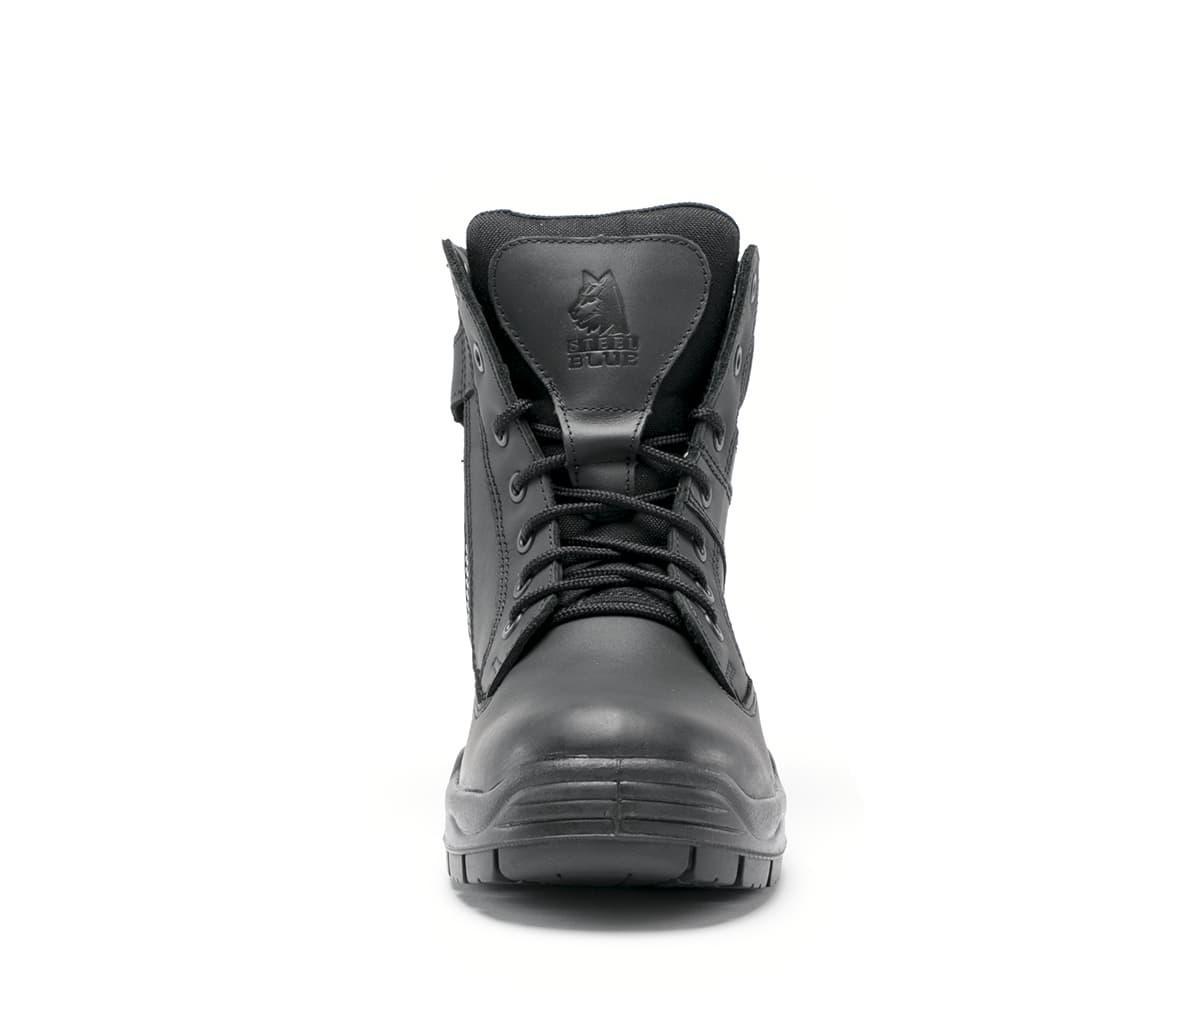 Enforcer - Black